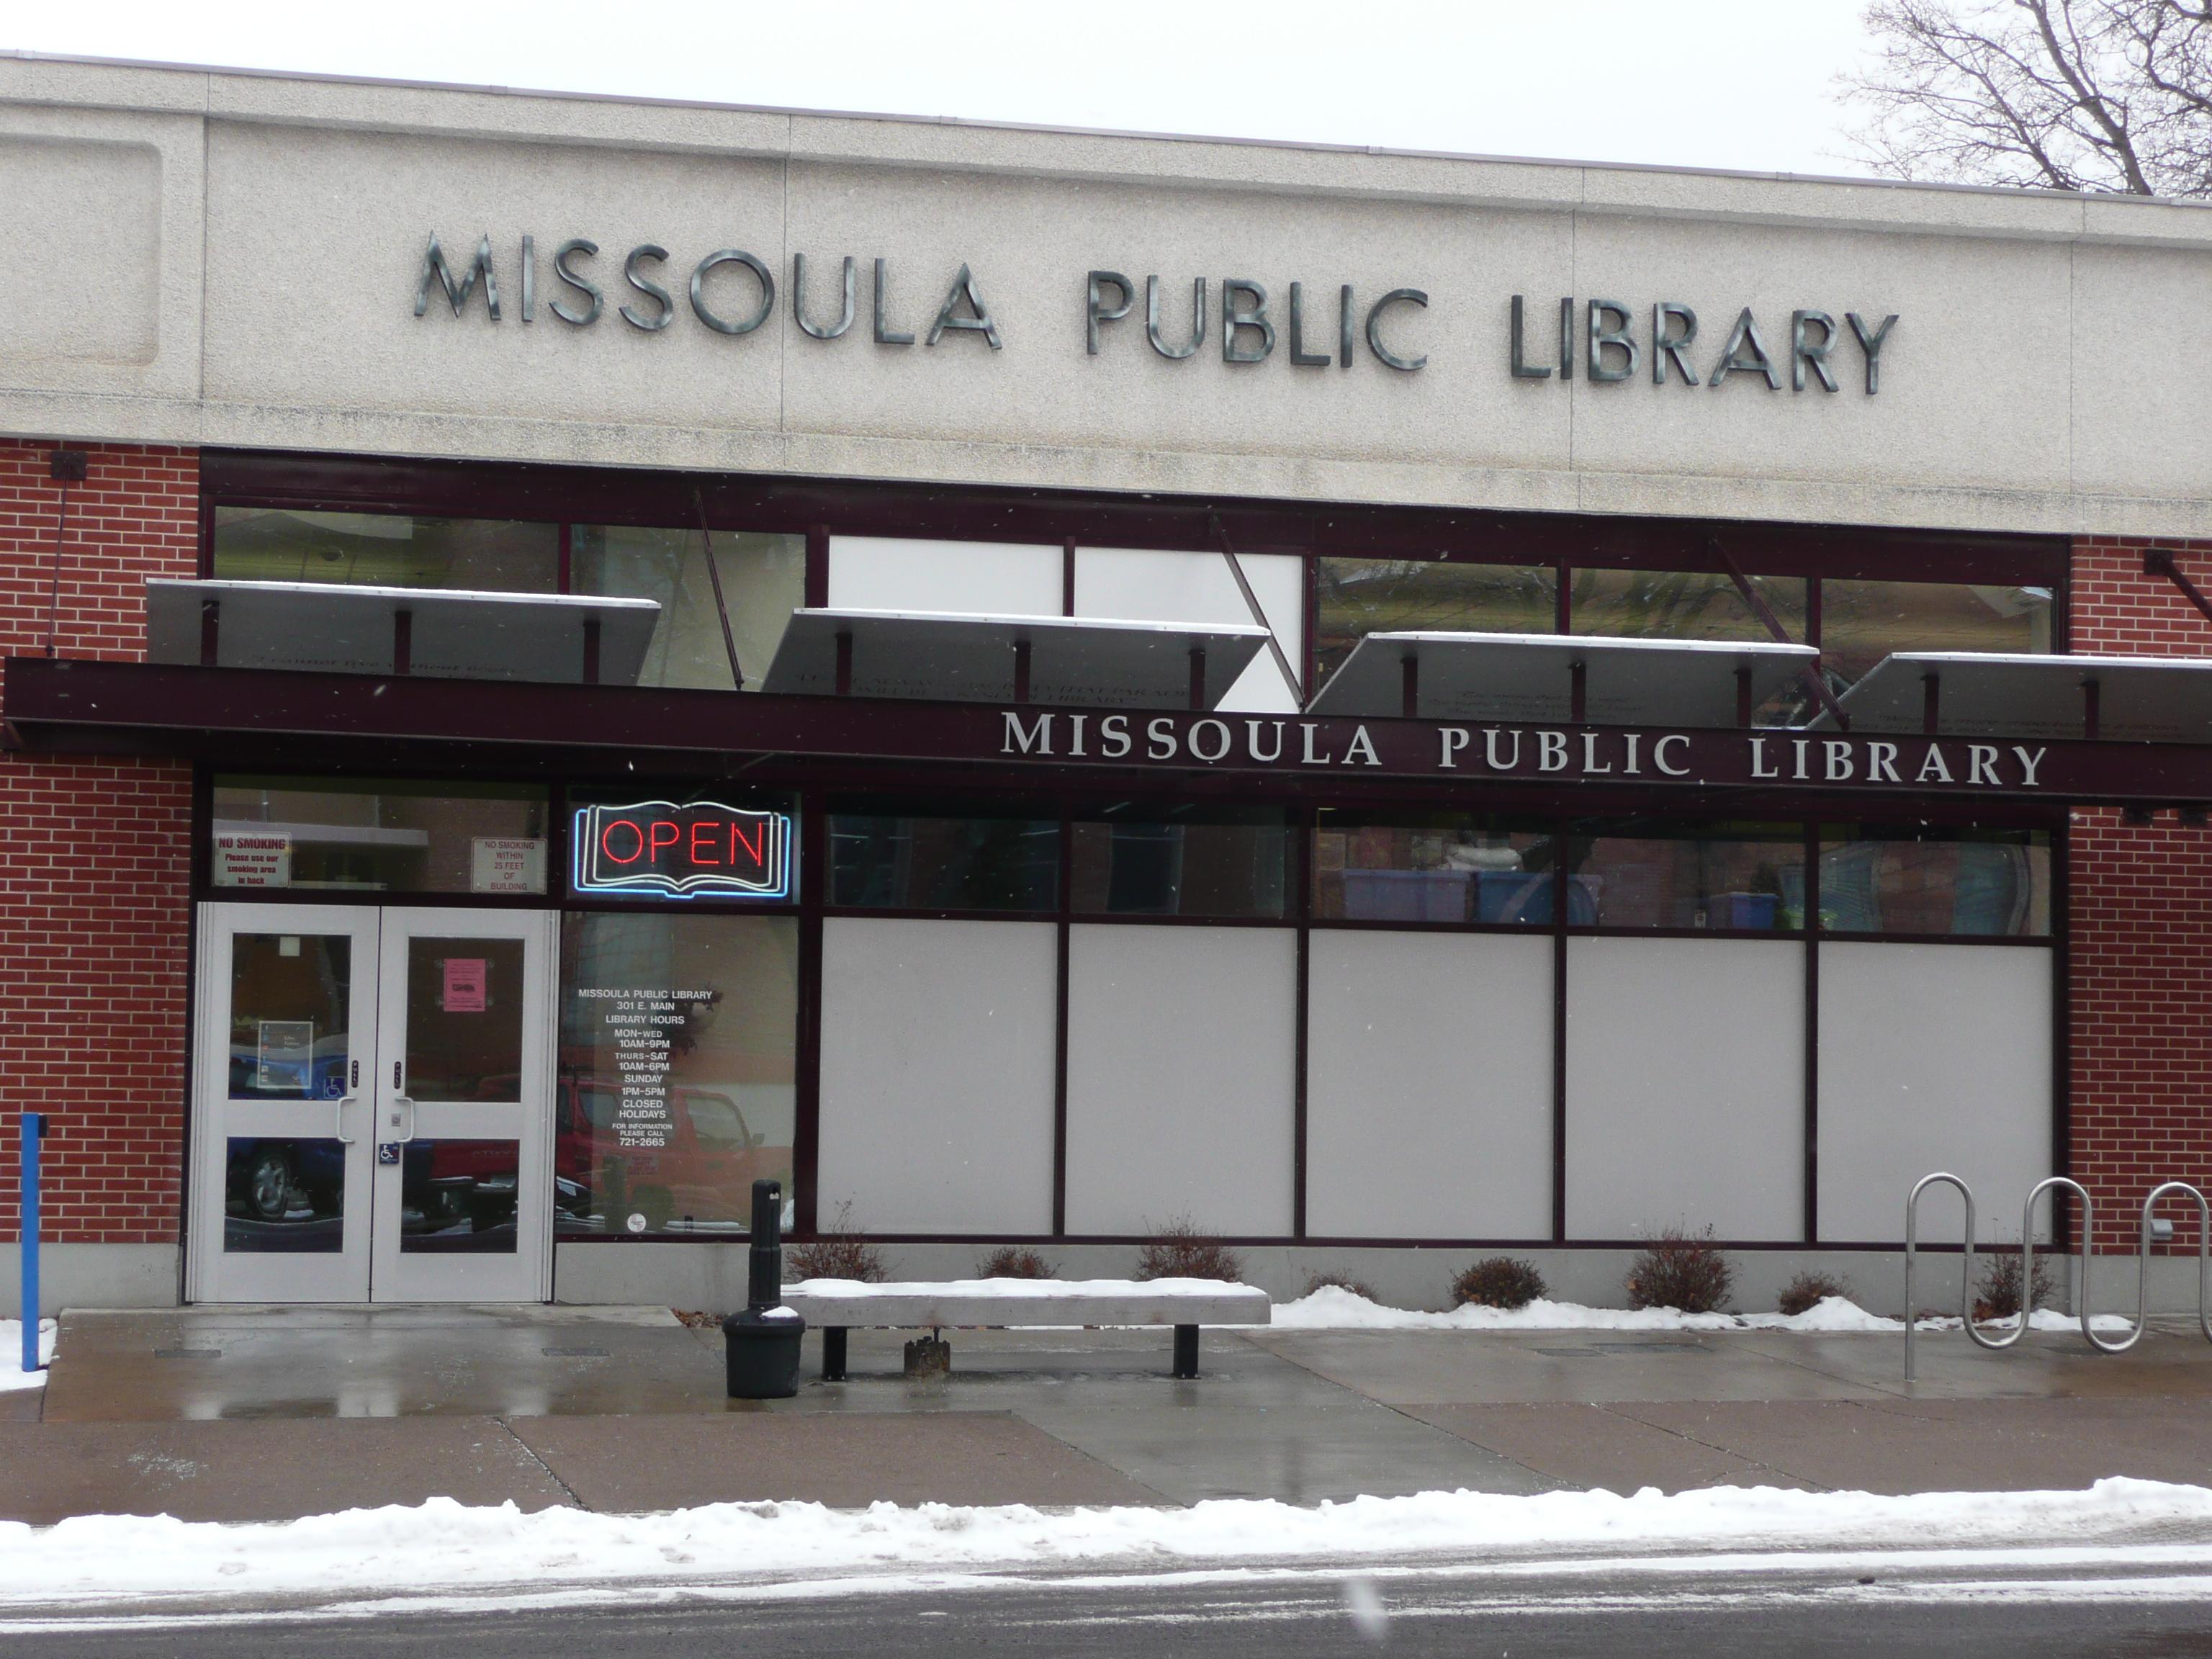 Missoula Public Library - Wikipedia